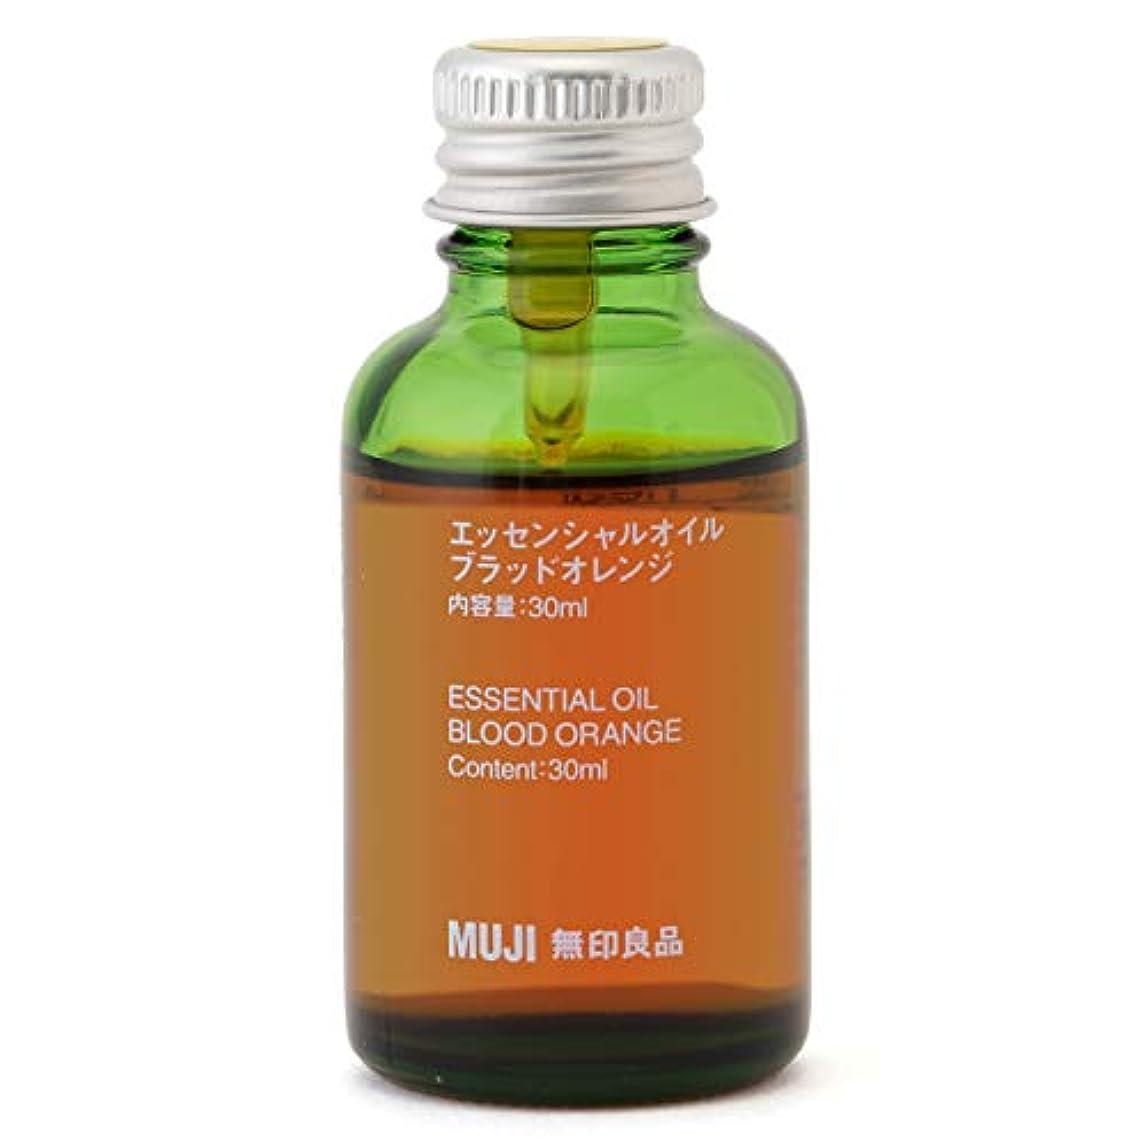 遠征責めワイプ【無印良品】エッセンシャルオイル30ml(ブラッドオレンジ)